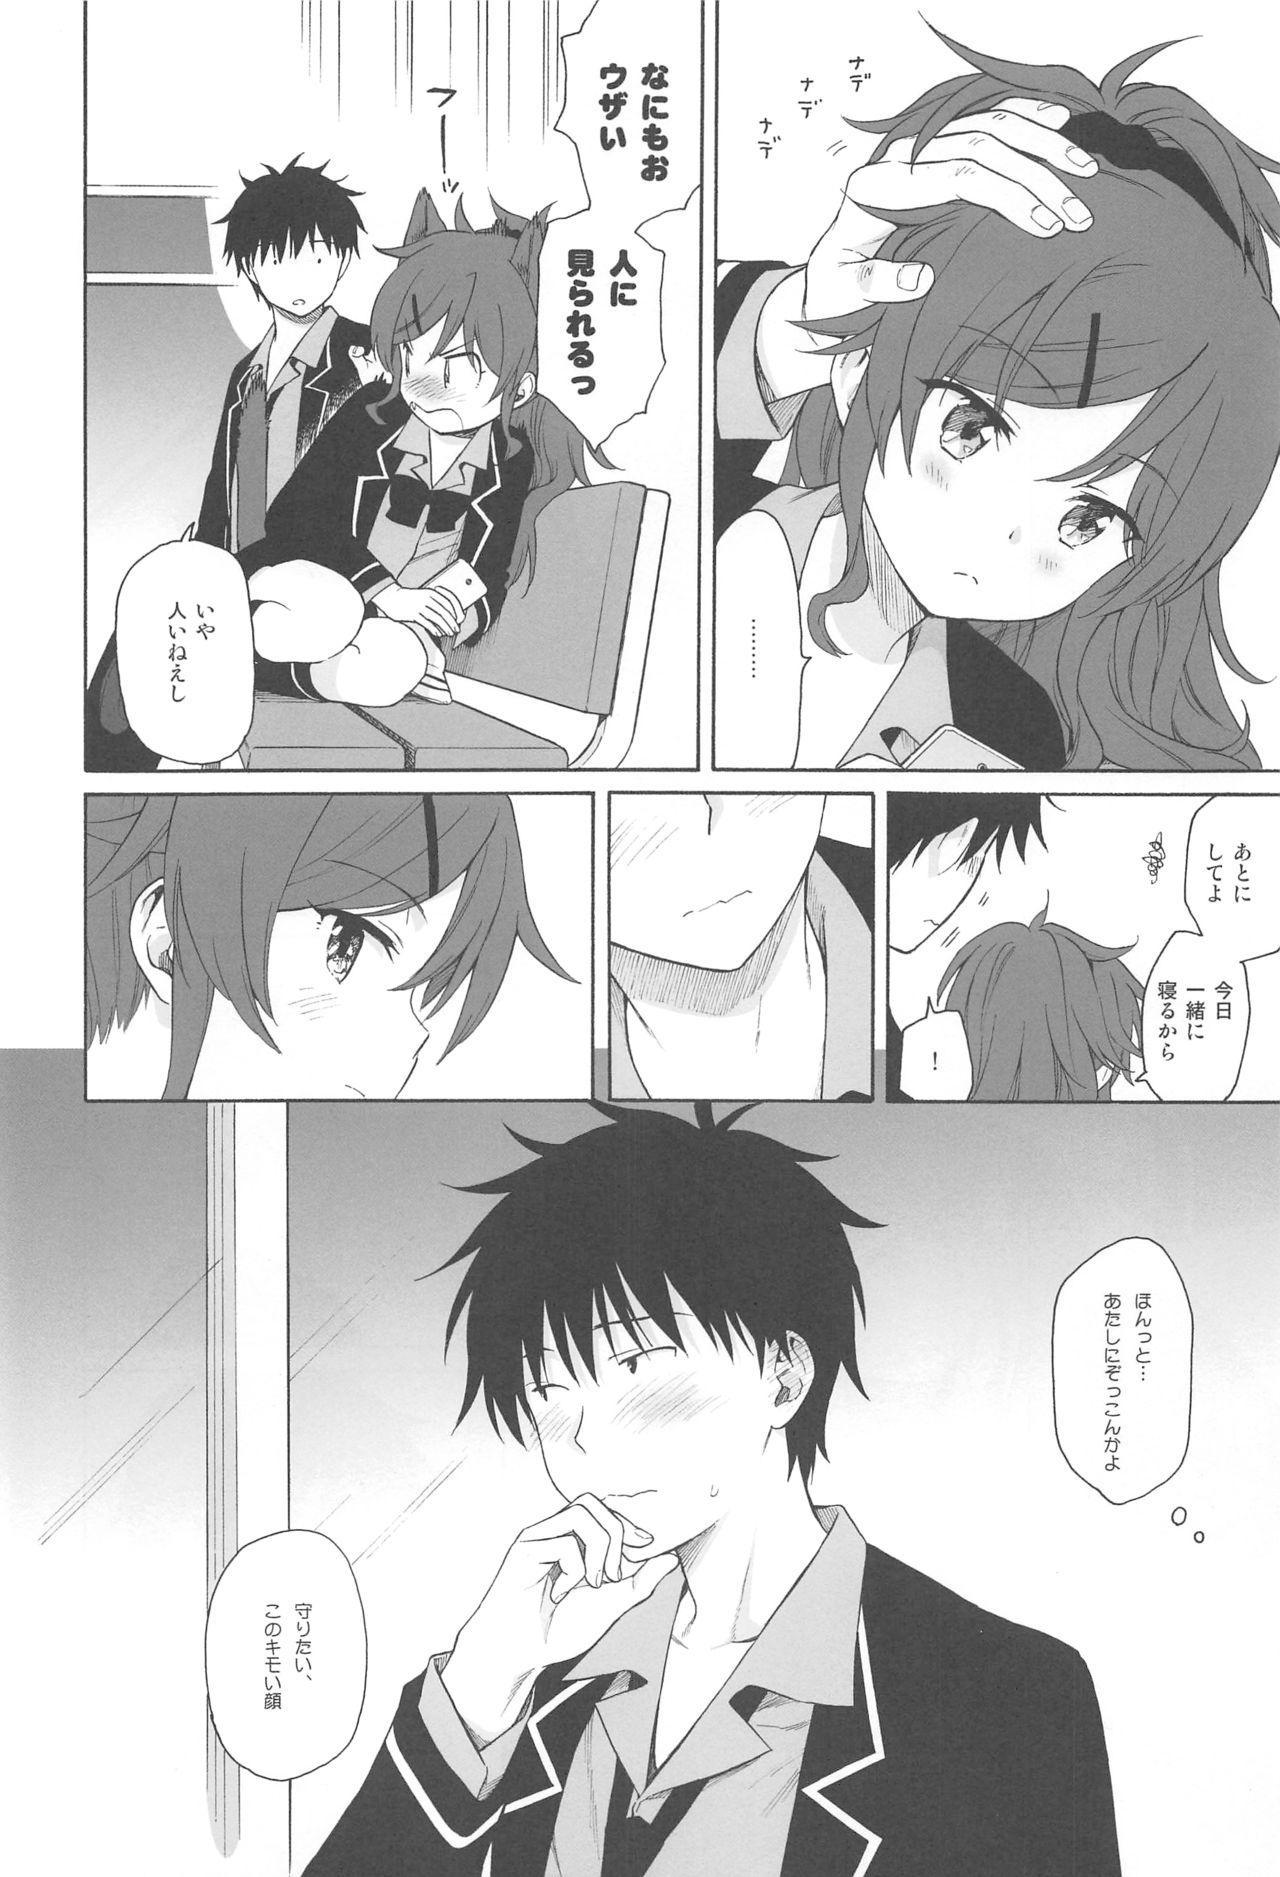 Kono Sekai no Owari made 42